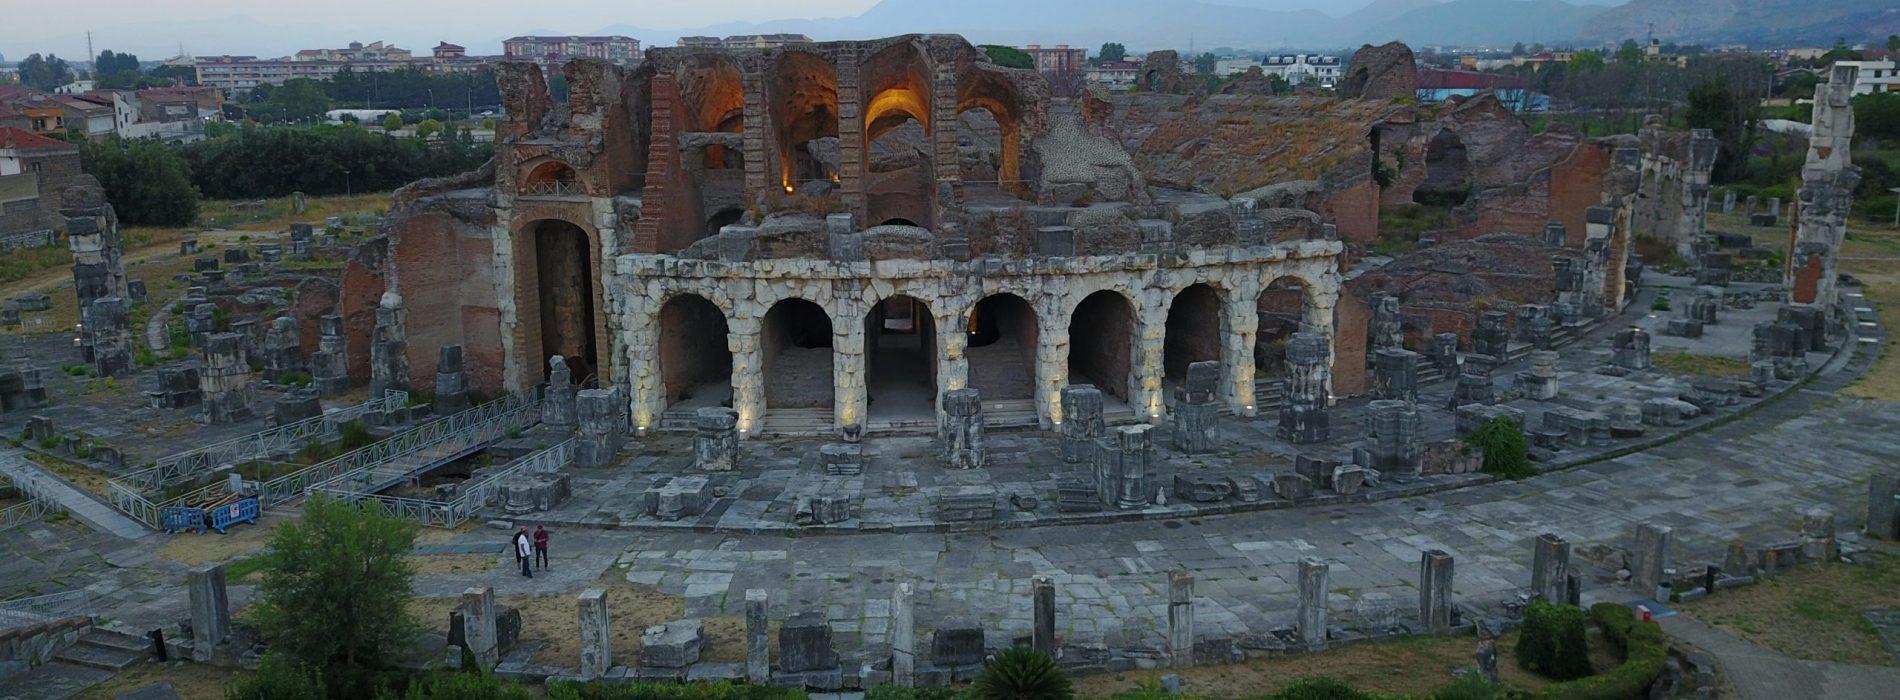 L'Anfiteatro Campano nel futuro, a Bari workshop sul restauro